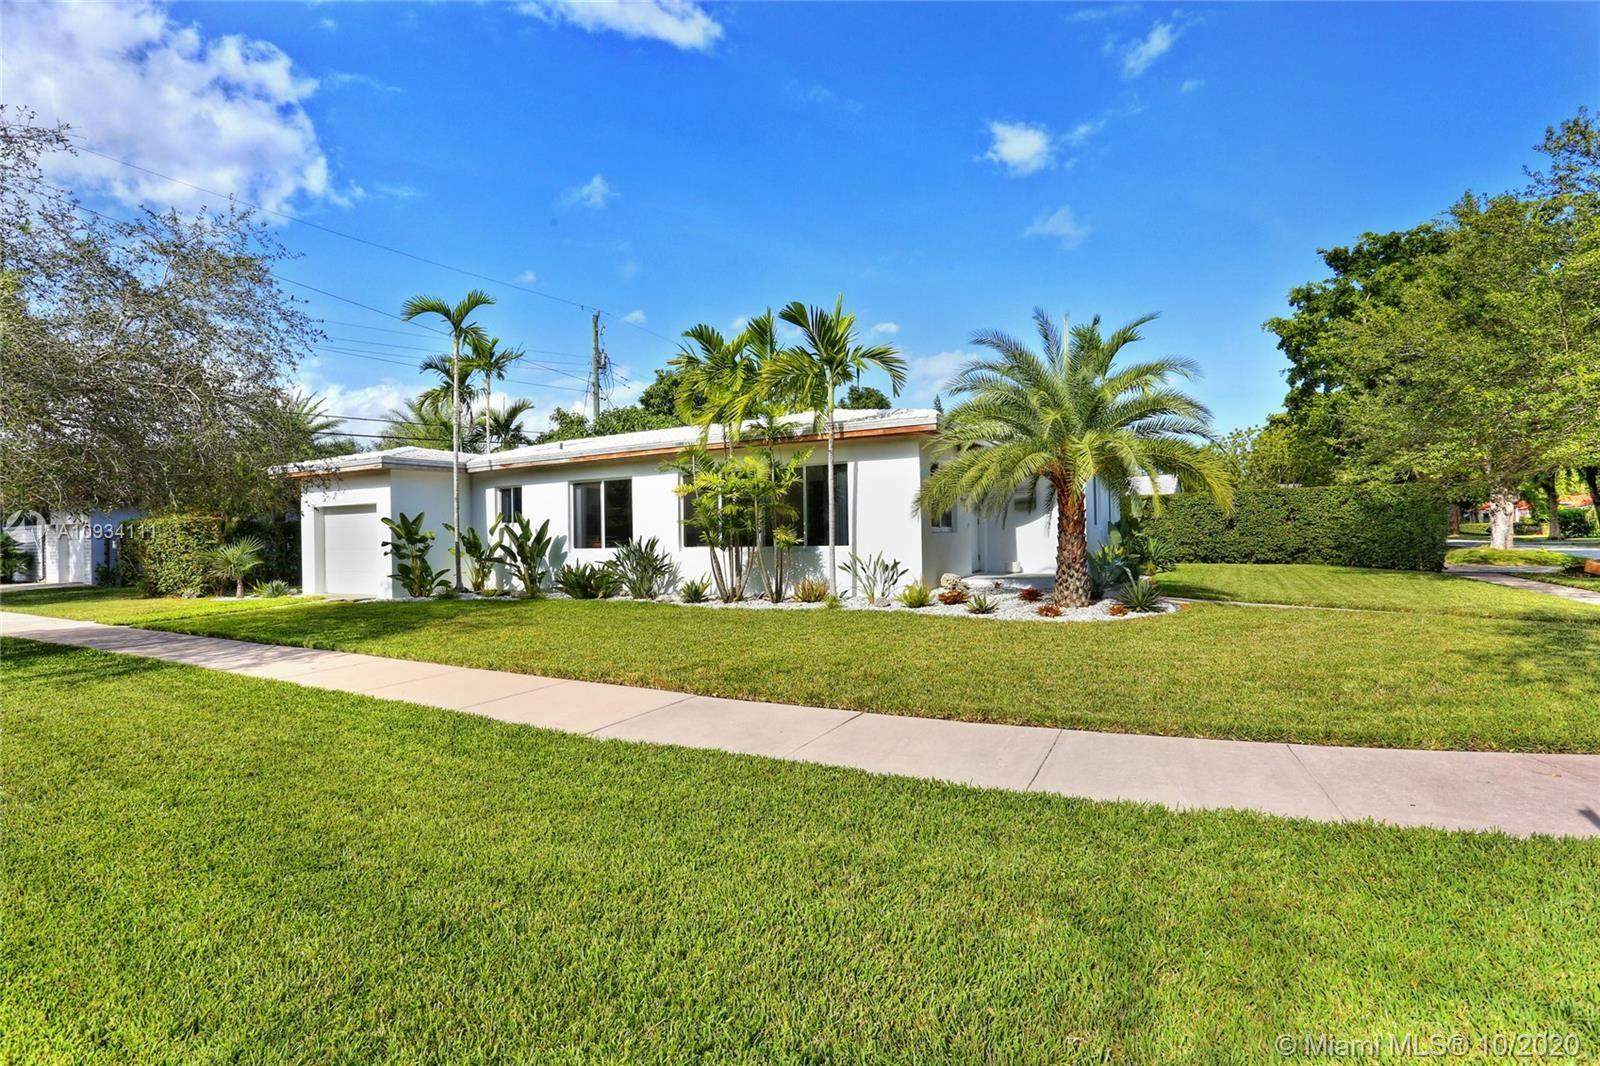 471 Loretto Ave, Coral Gables, FL 33146 - #: A10934111